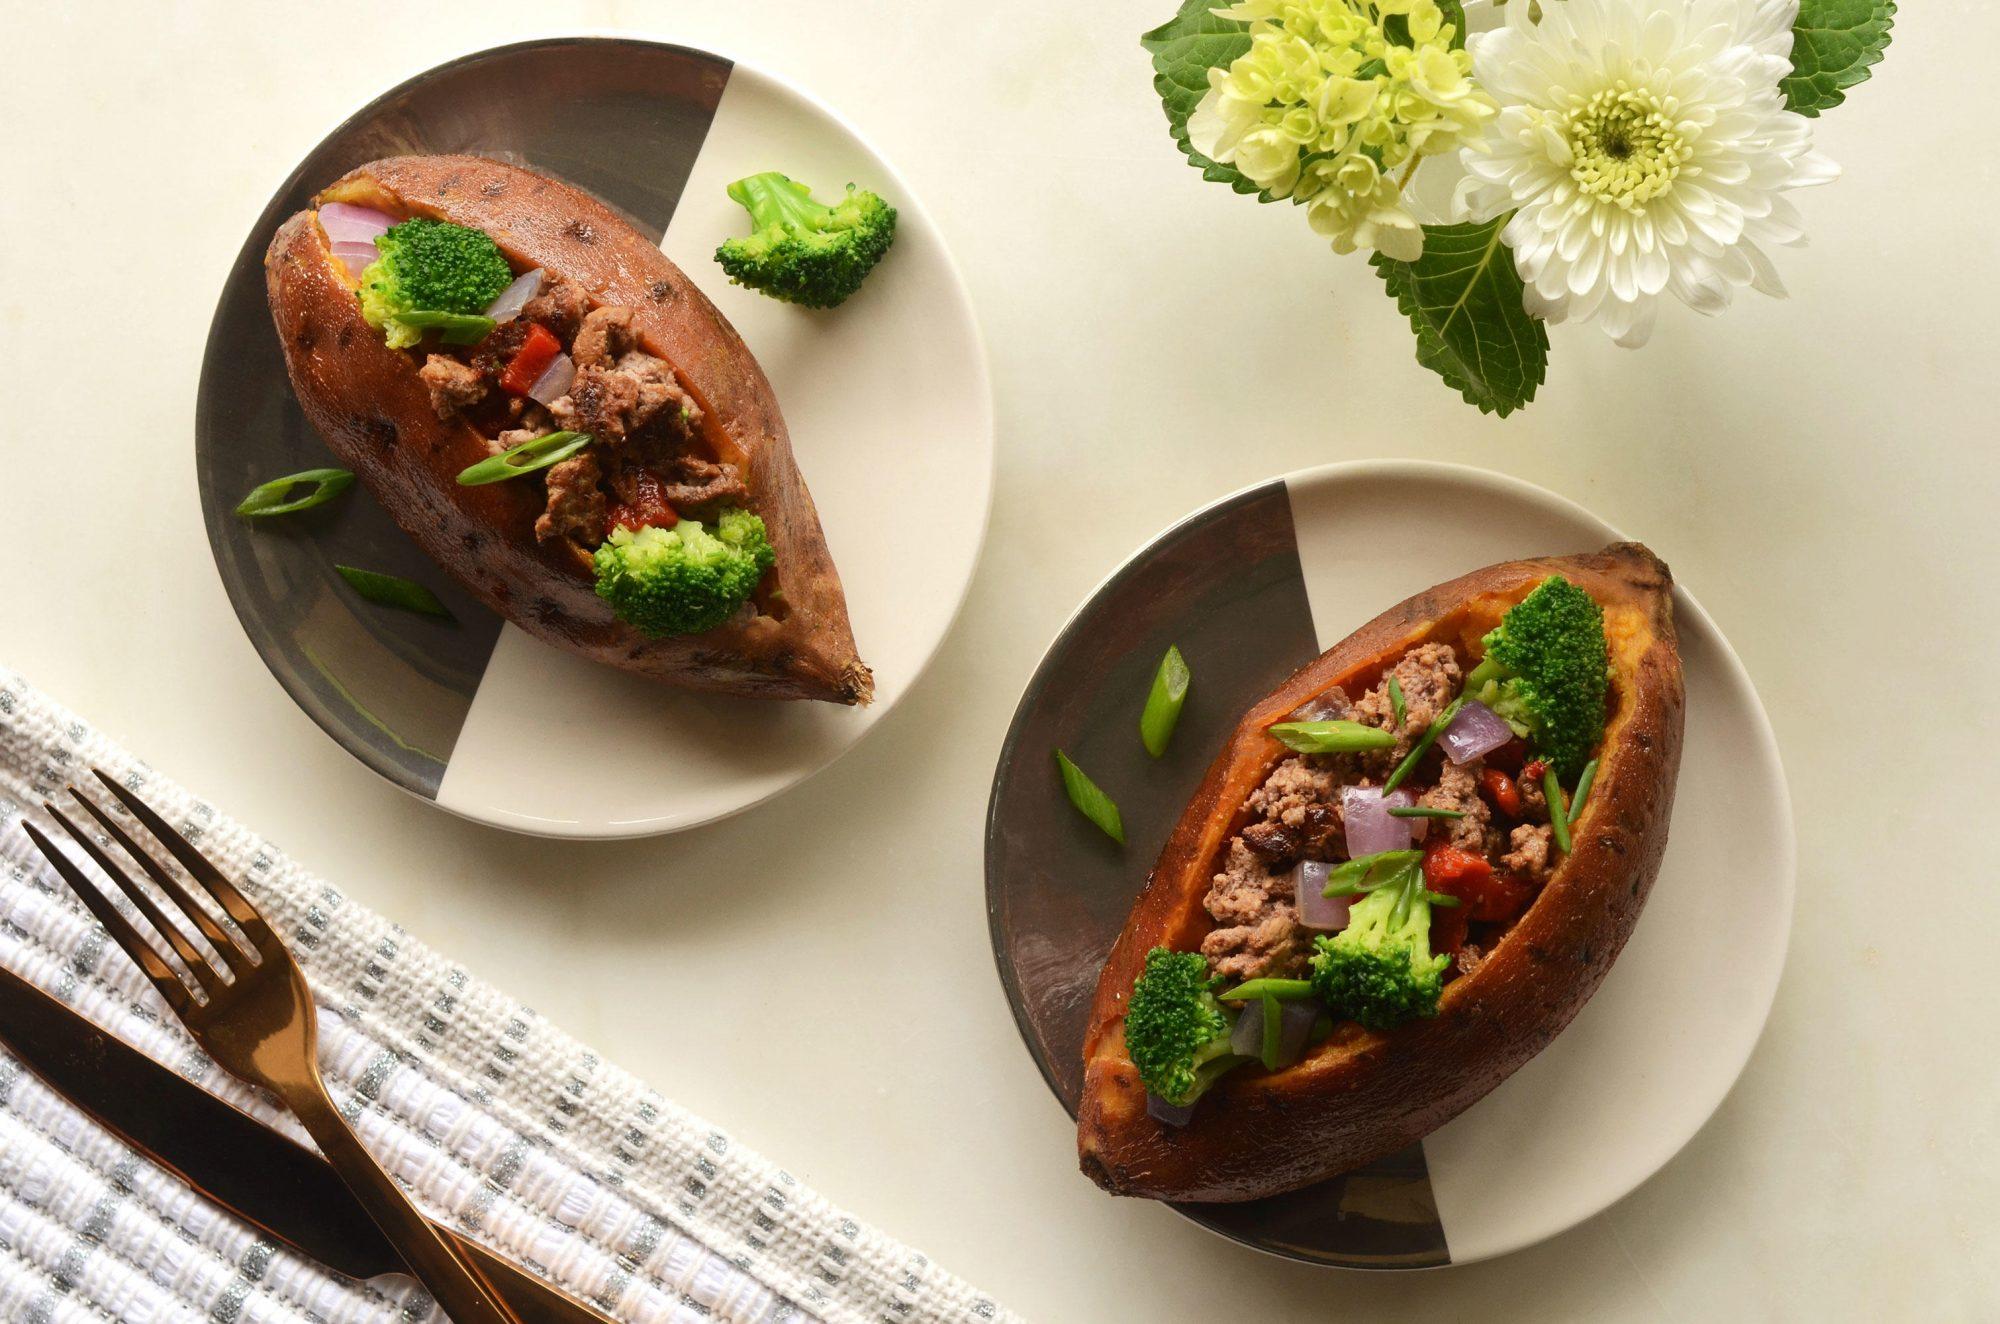 Beef and Broccoli Stuffed Sweet Potatoes